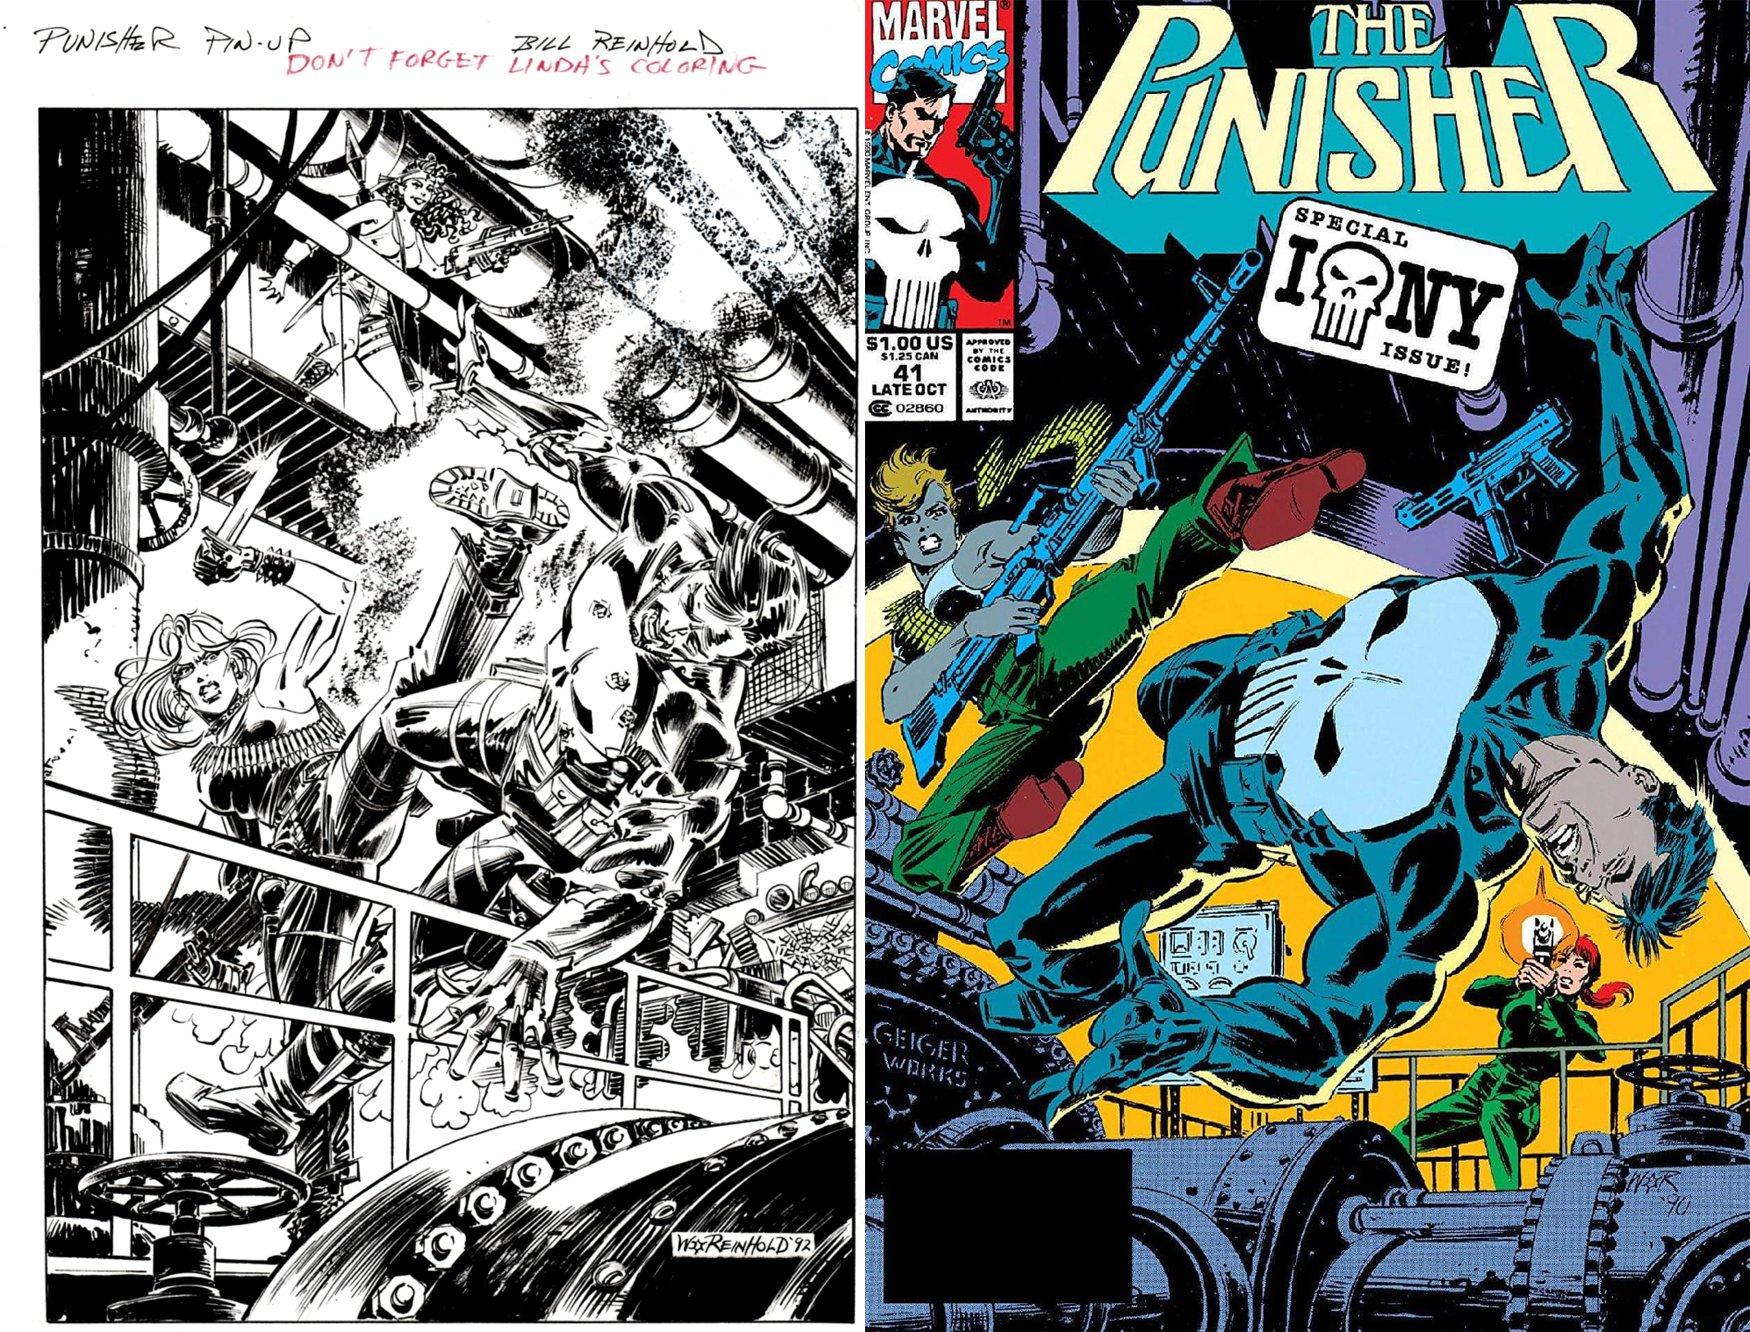 Punisher #41 Unused Cover (1990)